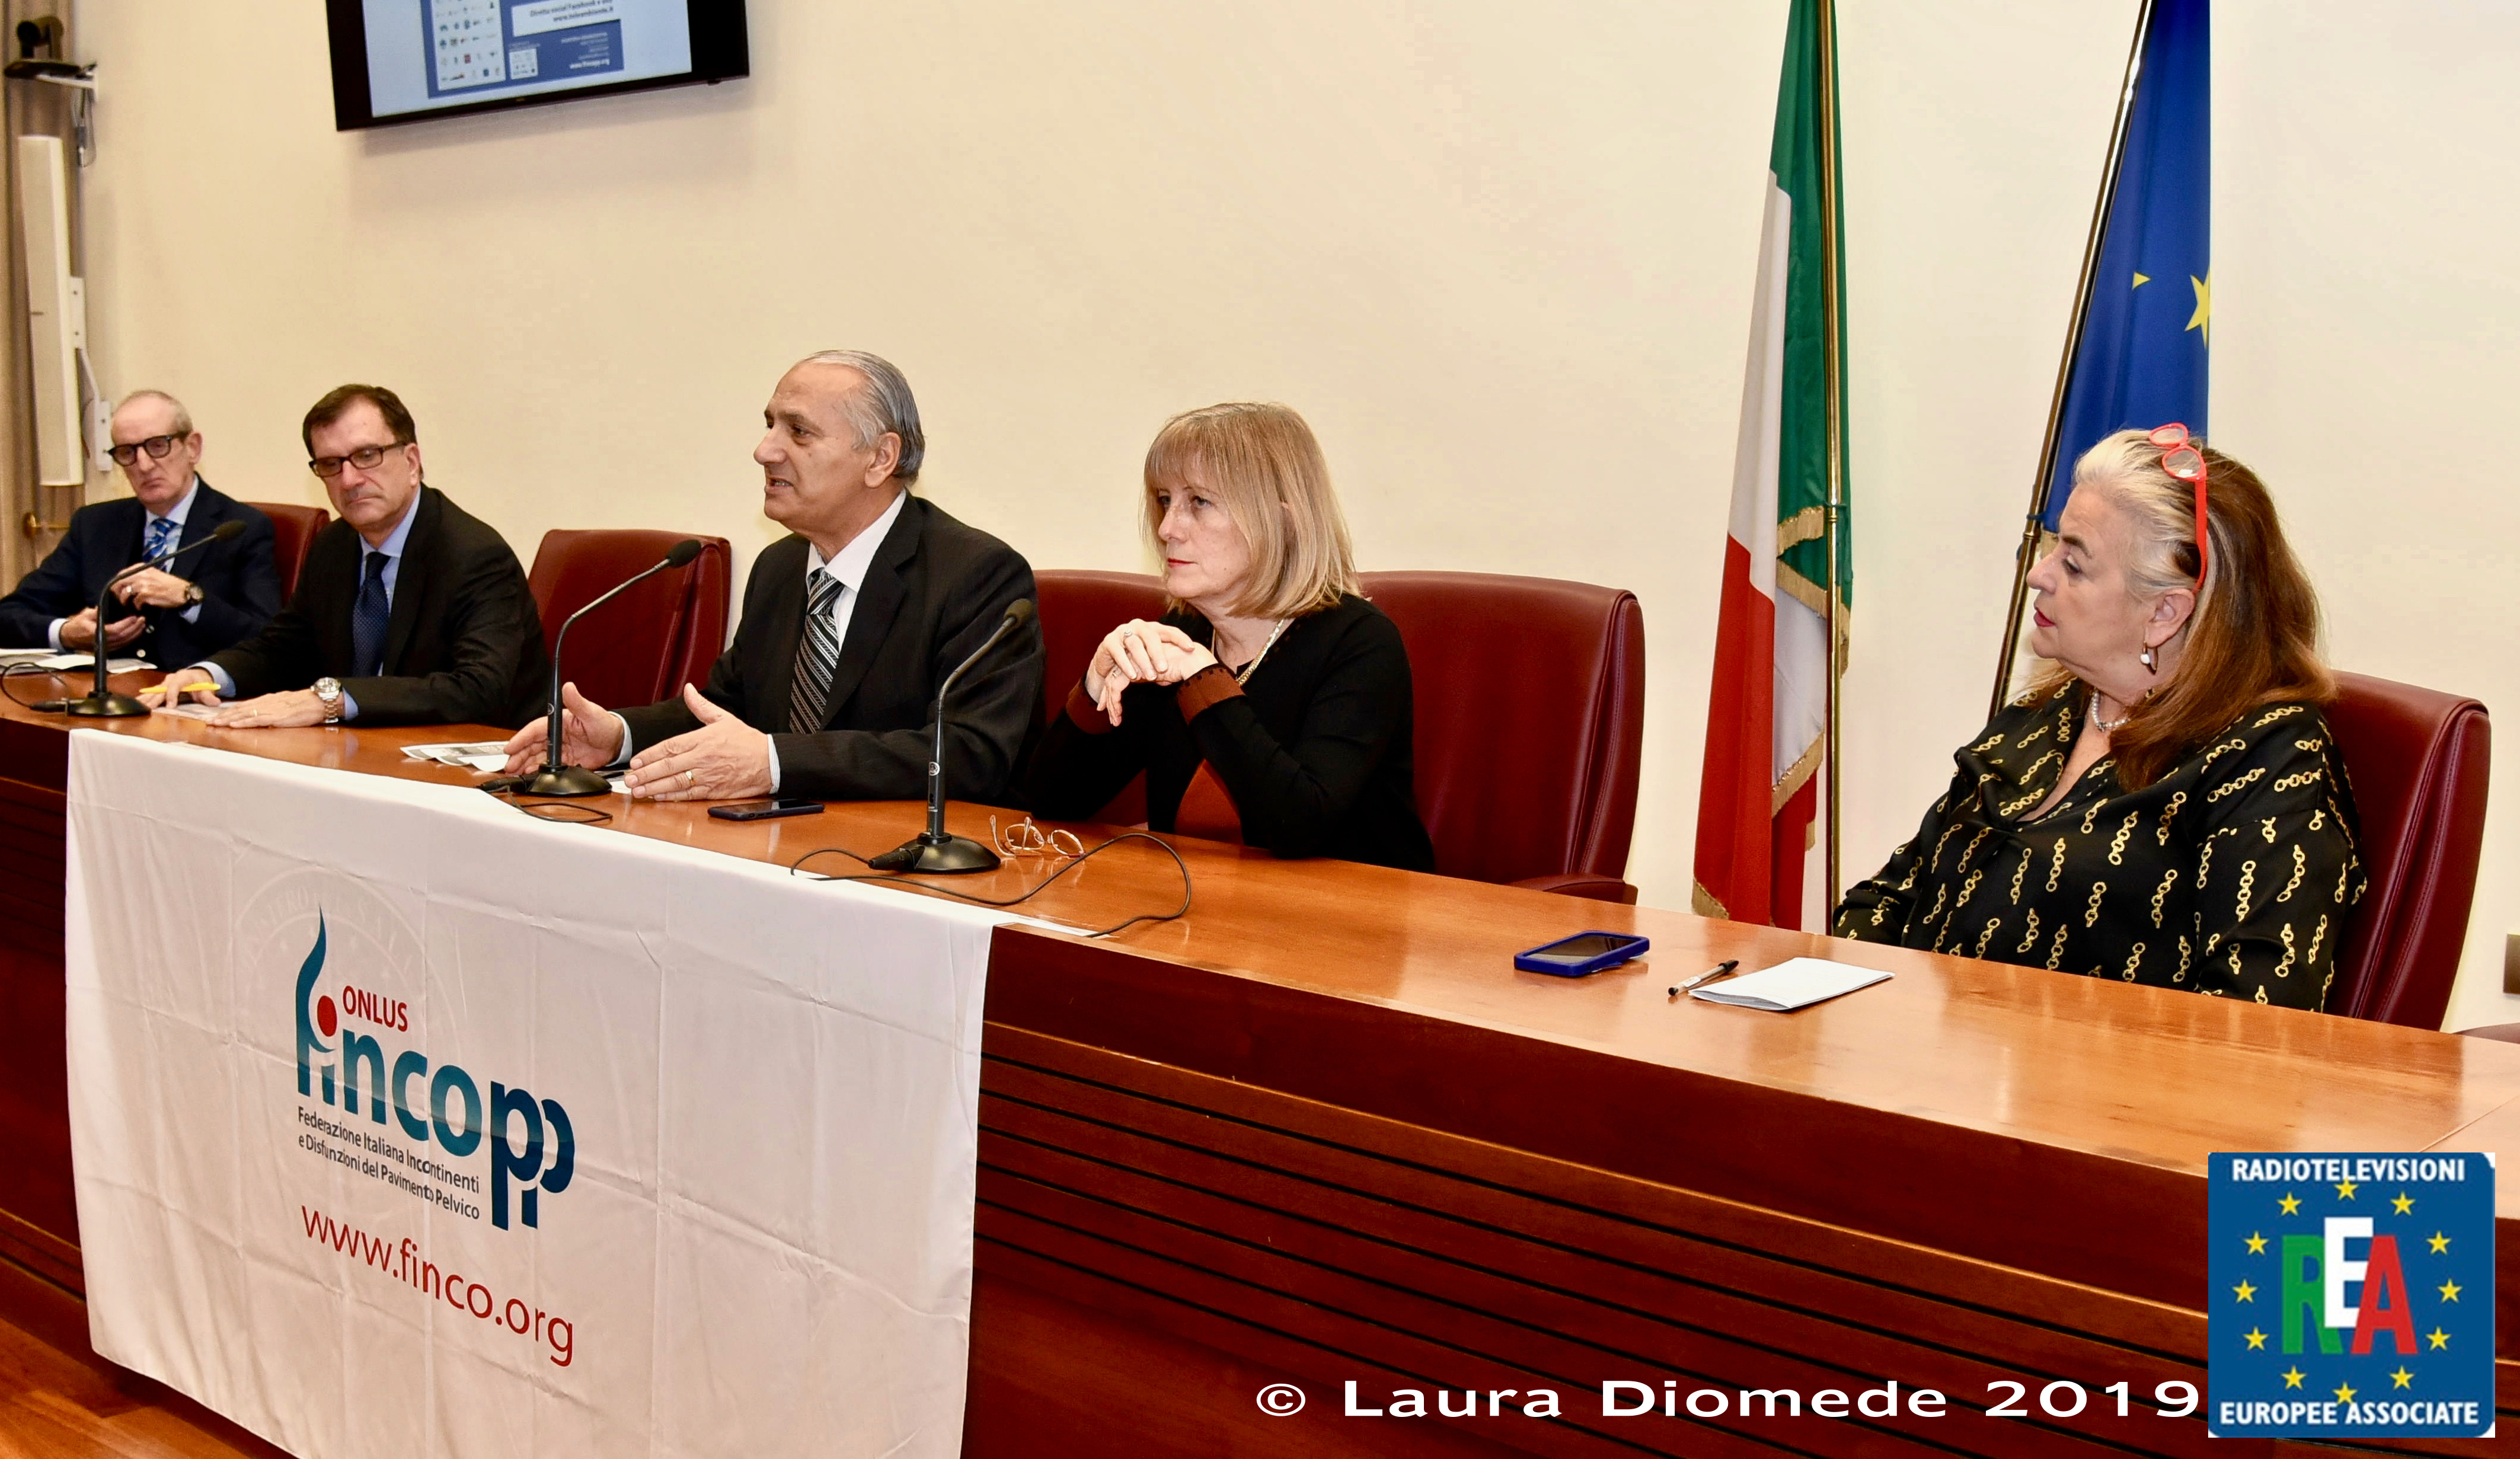 1 - Francesco Diomede apre i lavori